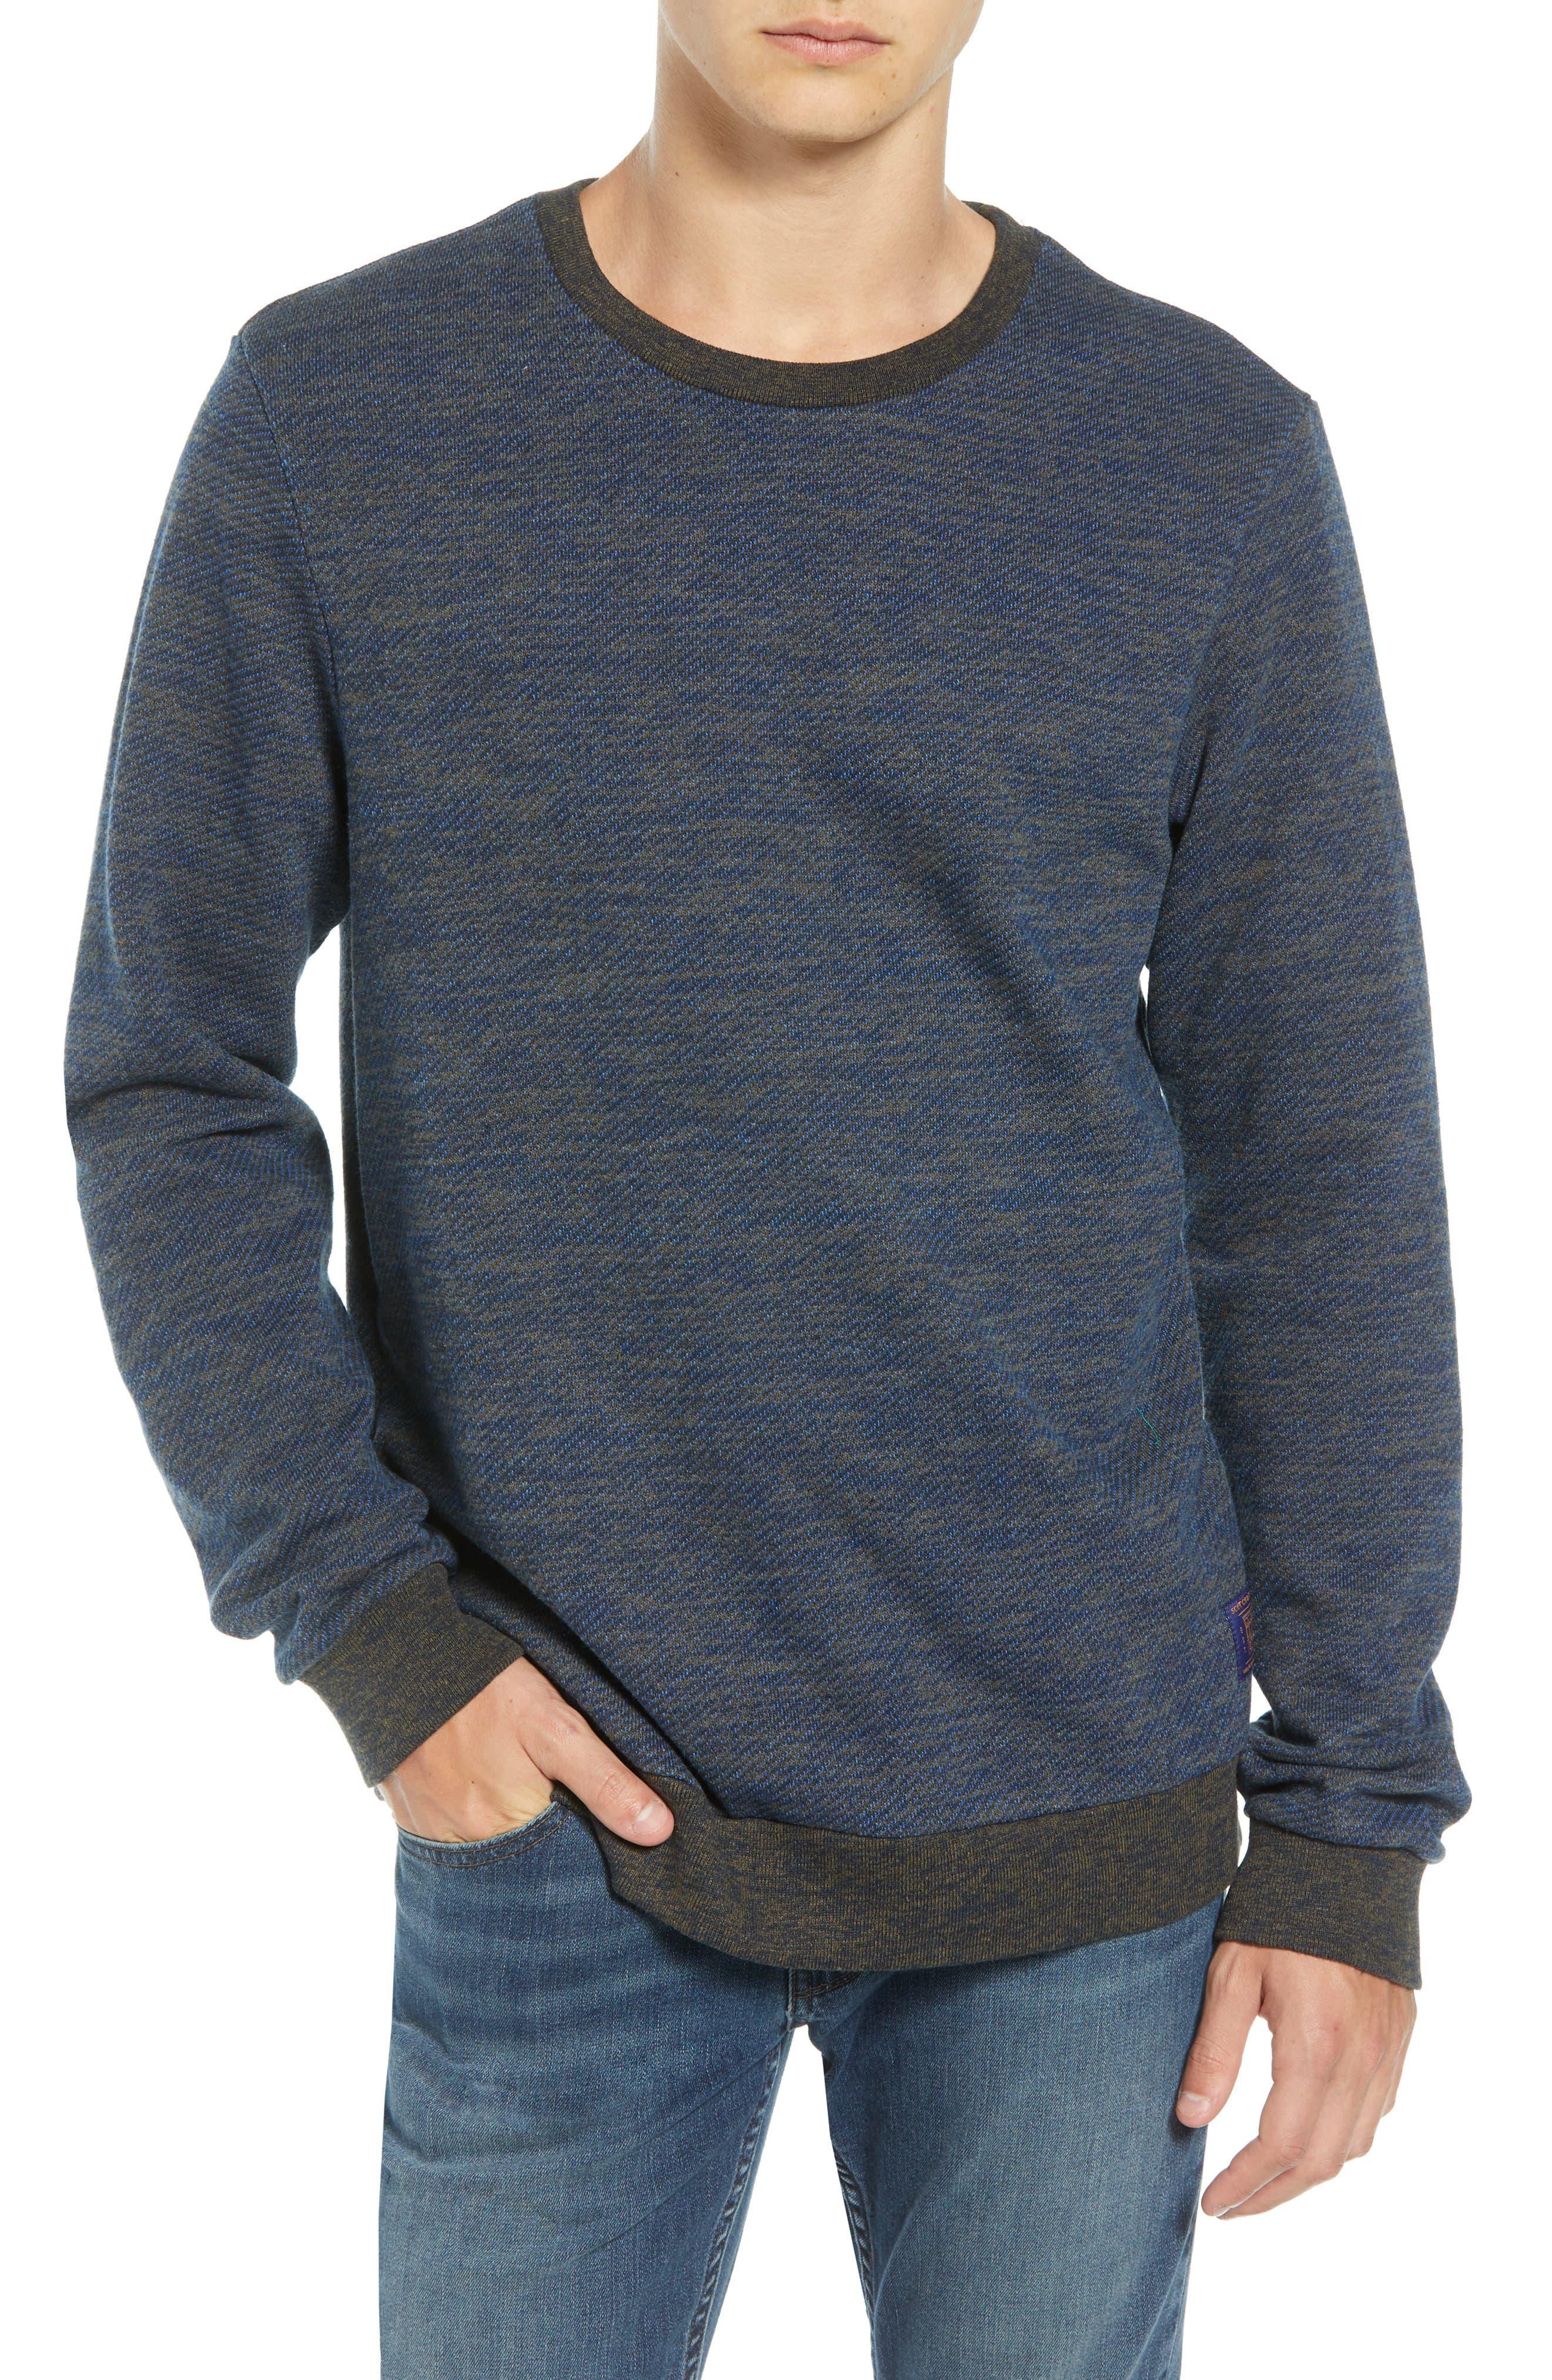 SCOTCH & SODA Crewneck Sweatshirt, Main, color, 410